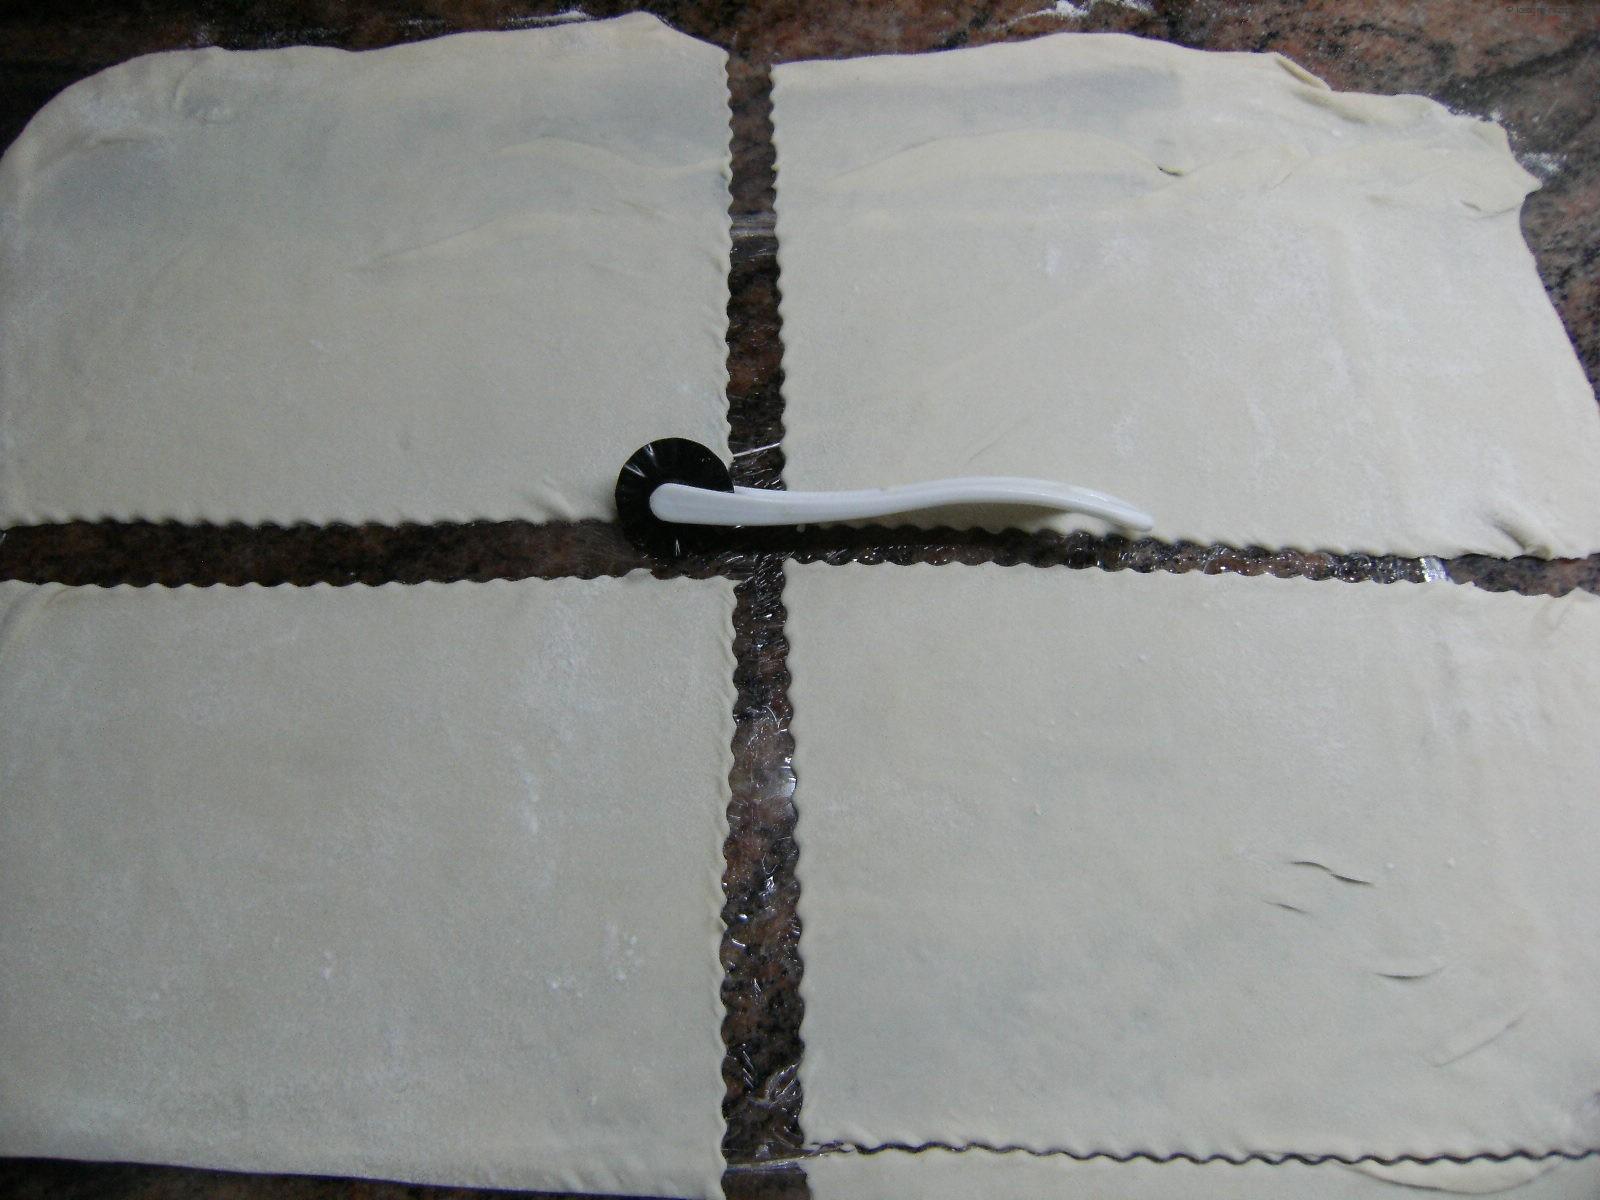 mit dem Rädchen teilen die Lasagneplatten